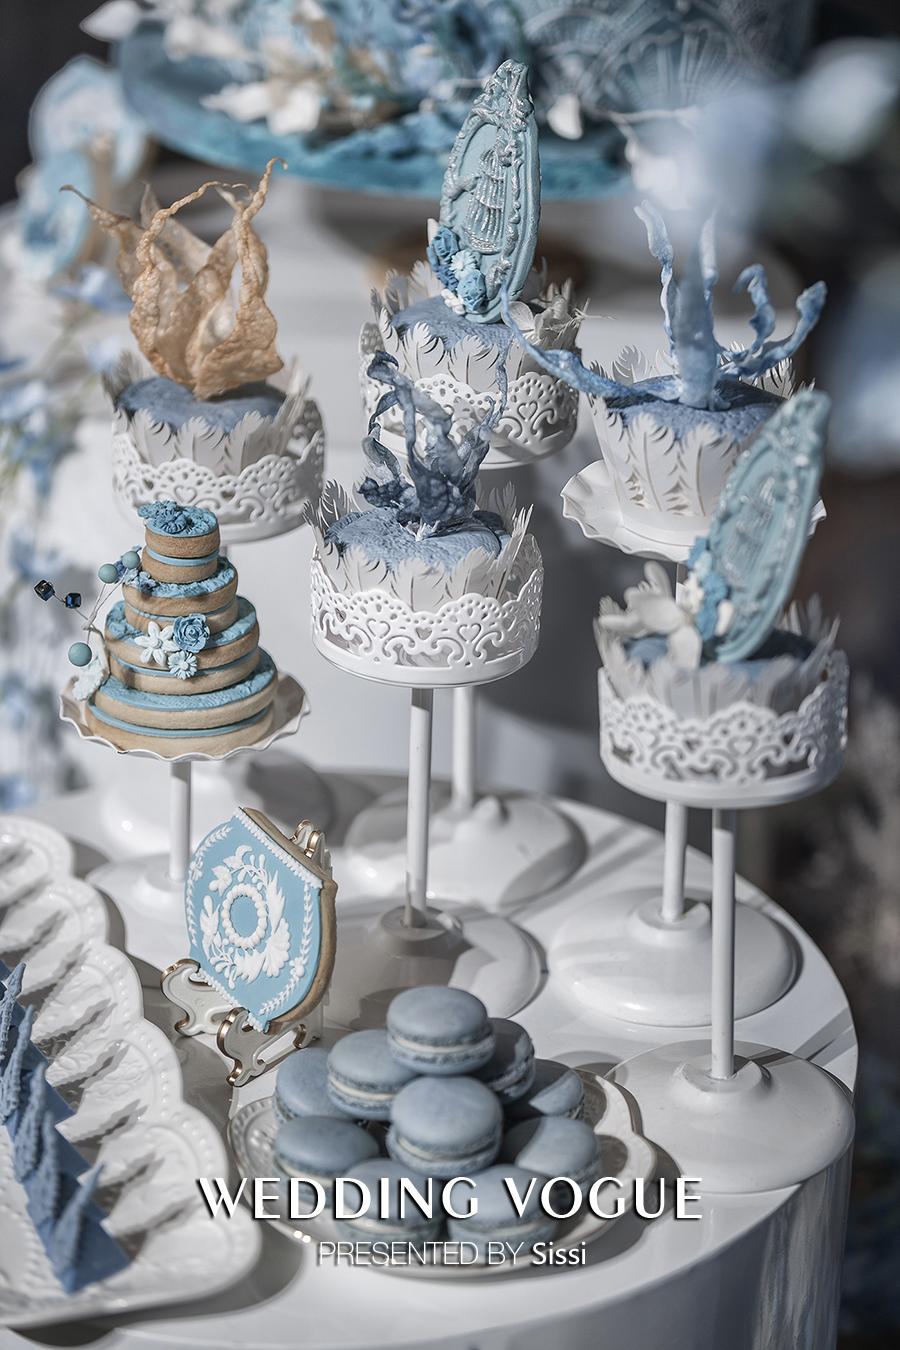 国际资讯_蓝色甜品台 - 婚礼甜品 - 婚礼图片 - 婚礼风尚